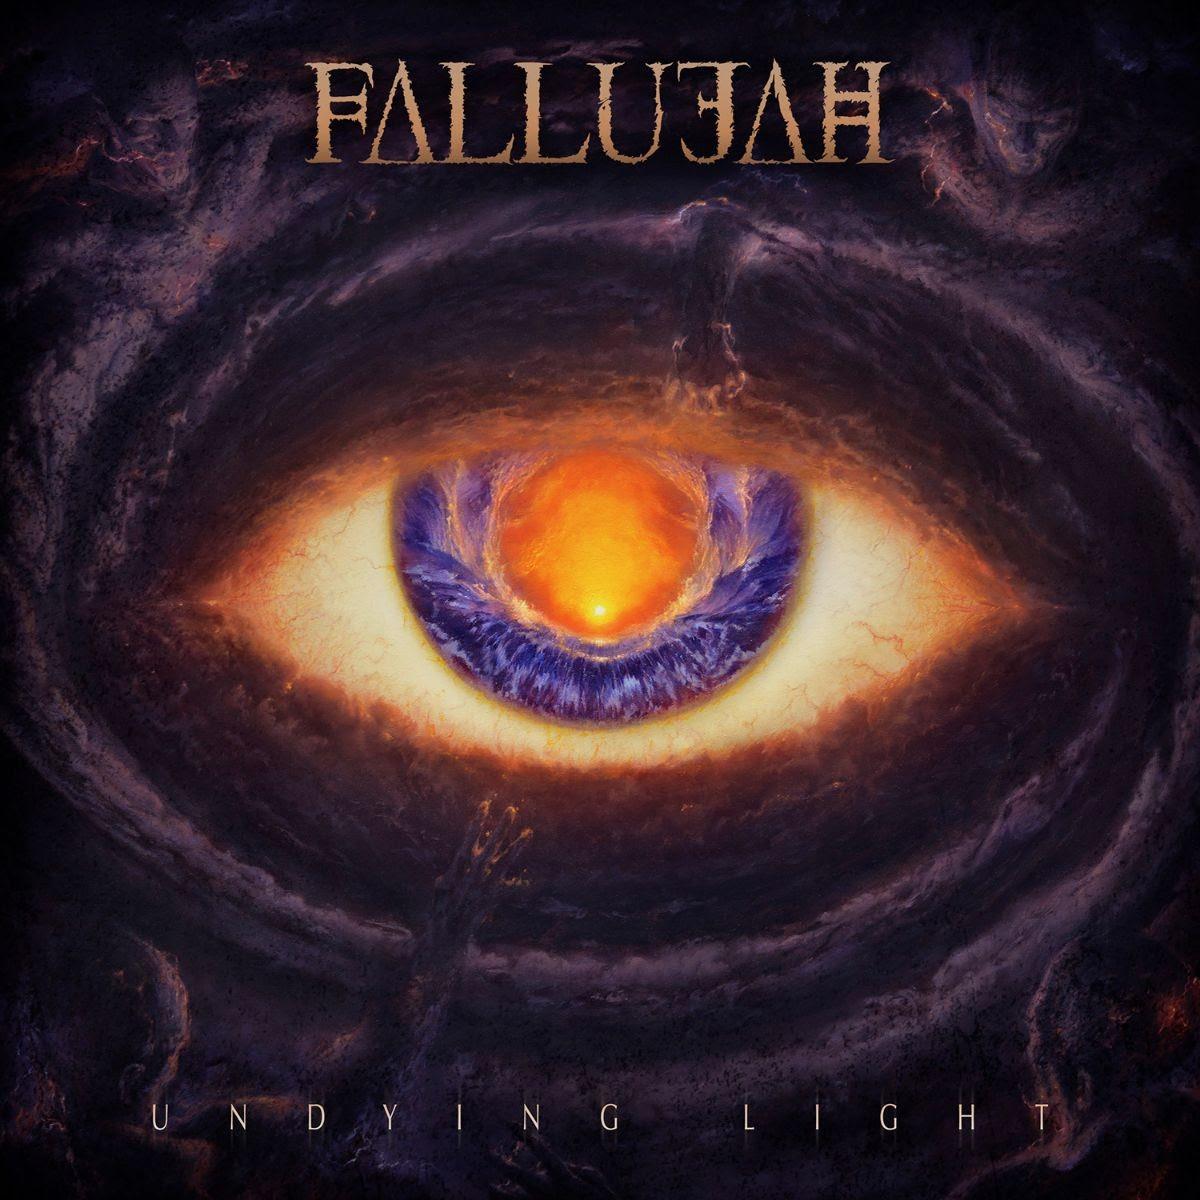 Fallujah - Undying Light